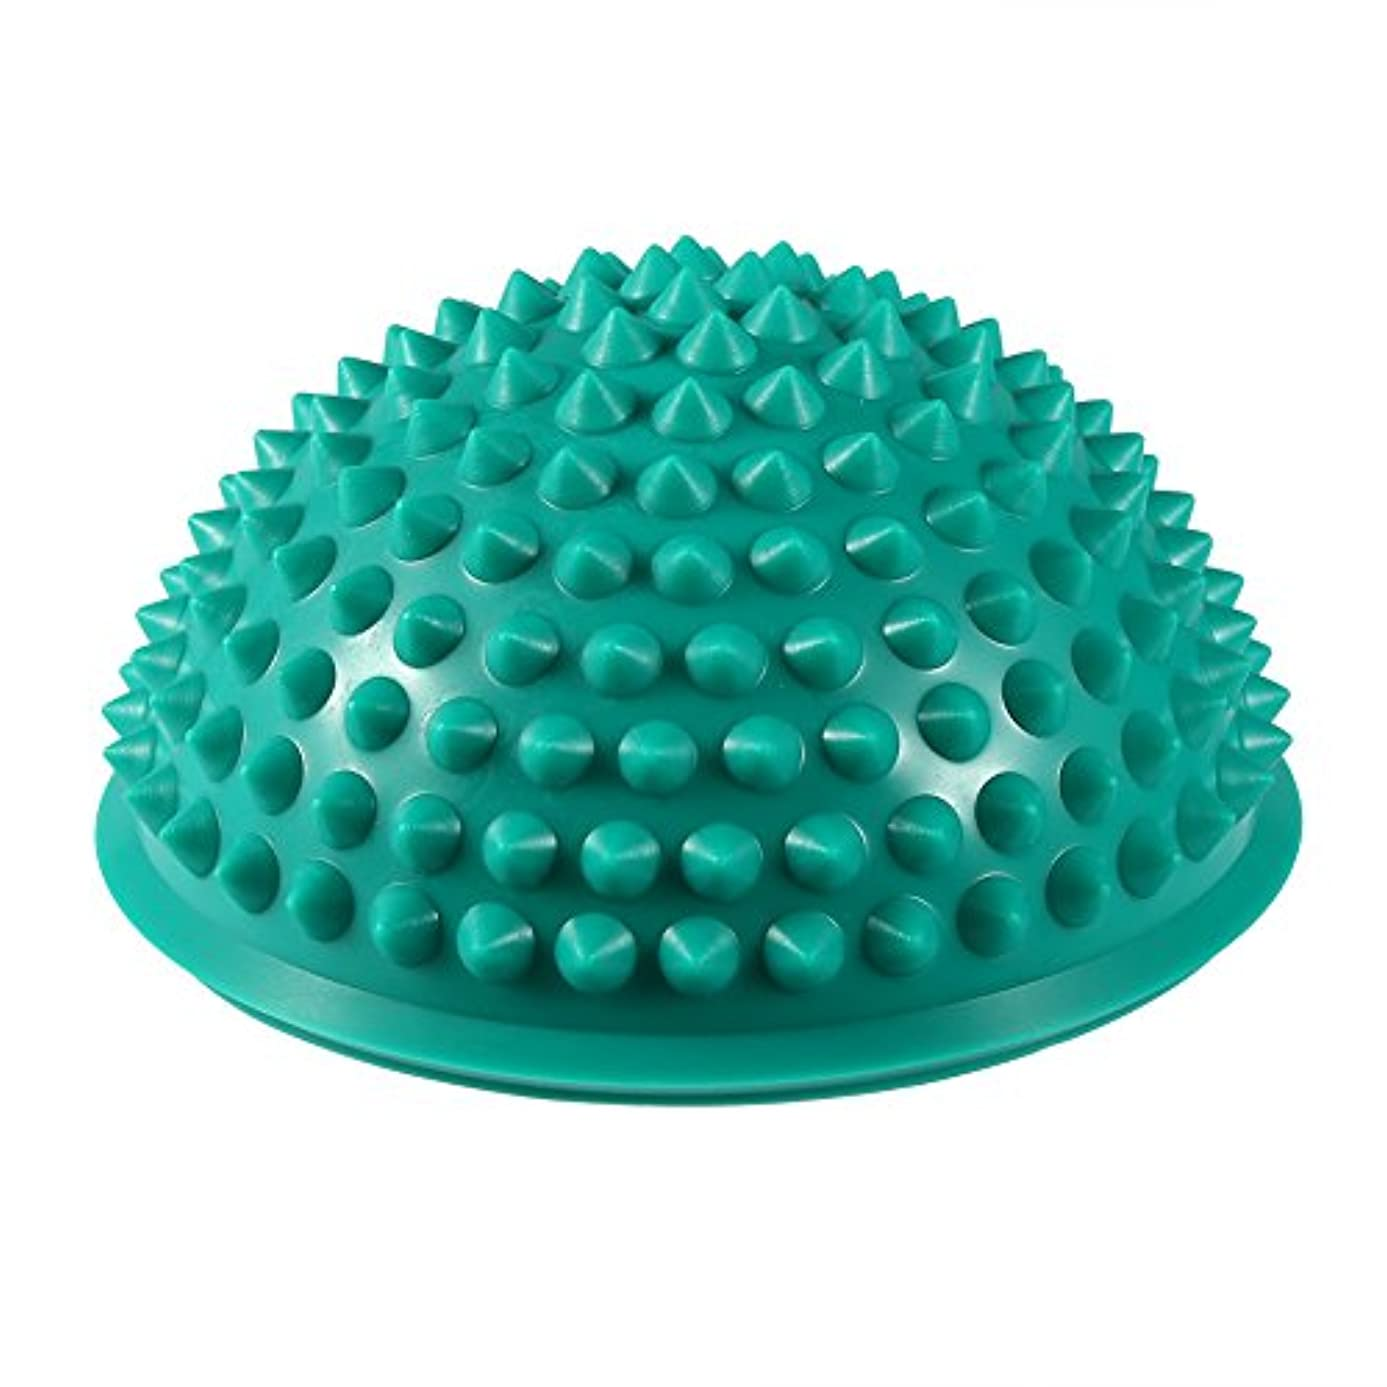 パシフィック罹患率おなかがすいたハーフラウンドPVCマッサージボールヨガボールフィットネスエクササイズジムマッサージ5色(グリーン)